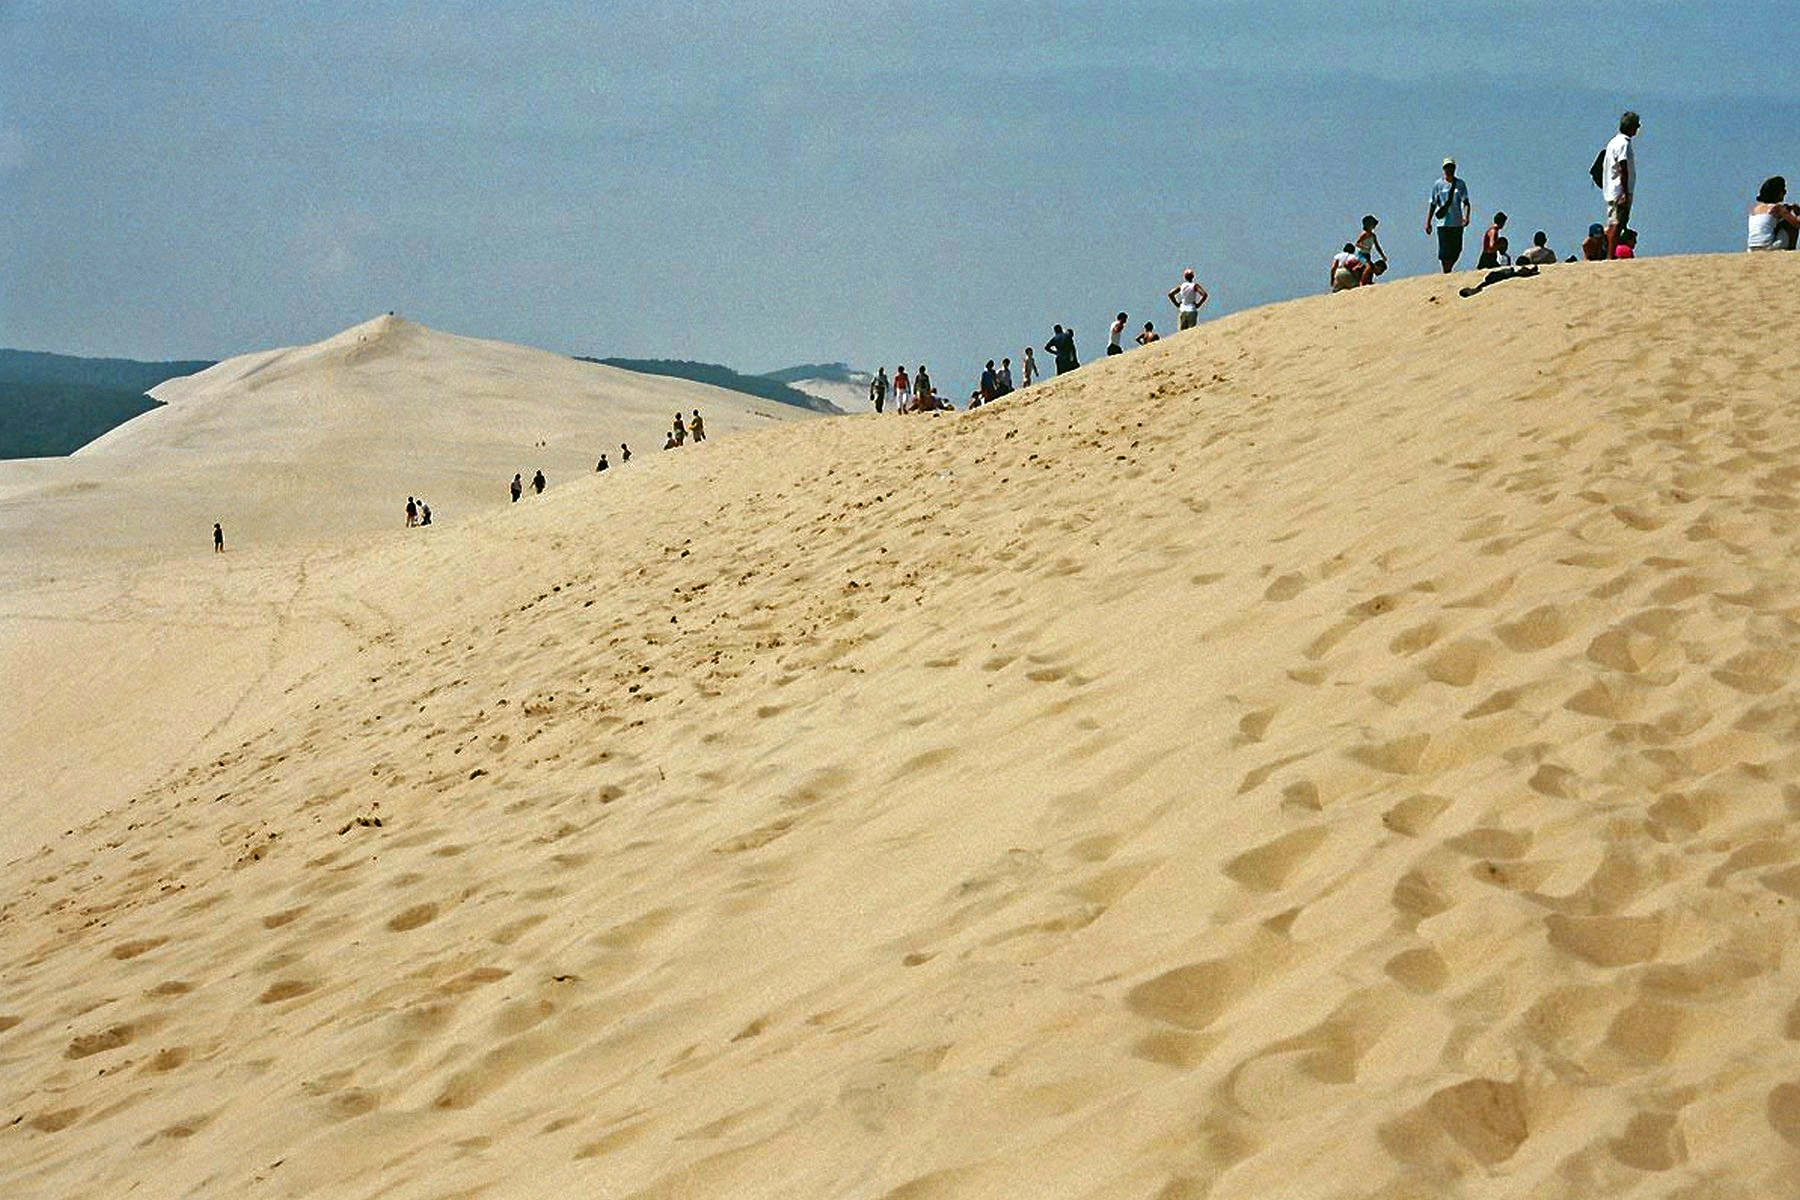 La dune du pilat h tel restaurant la caravelle - Hotel dune du pilat ...